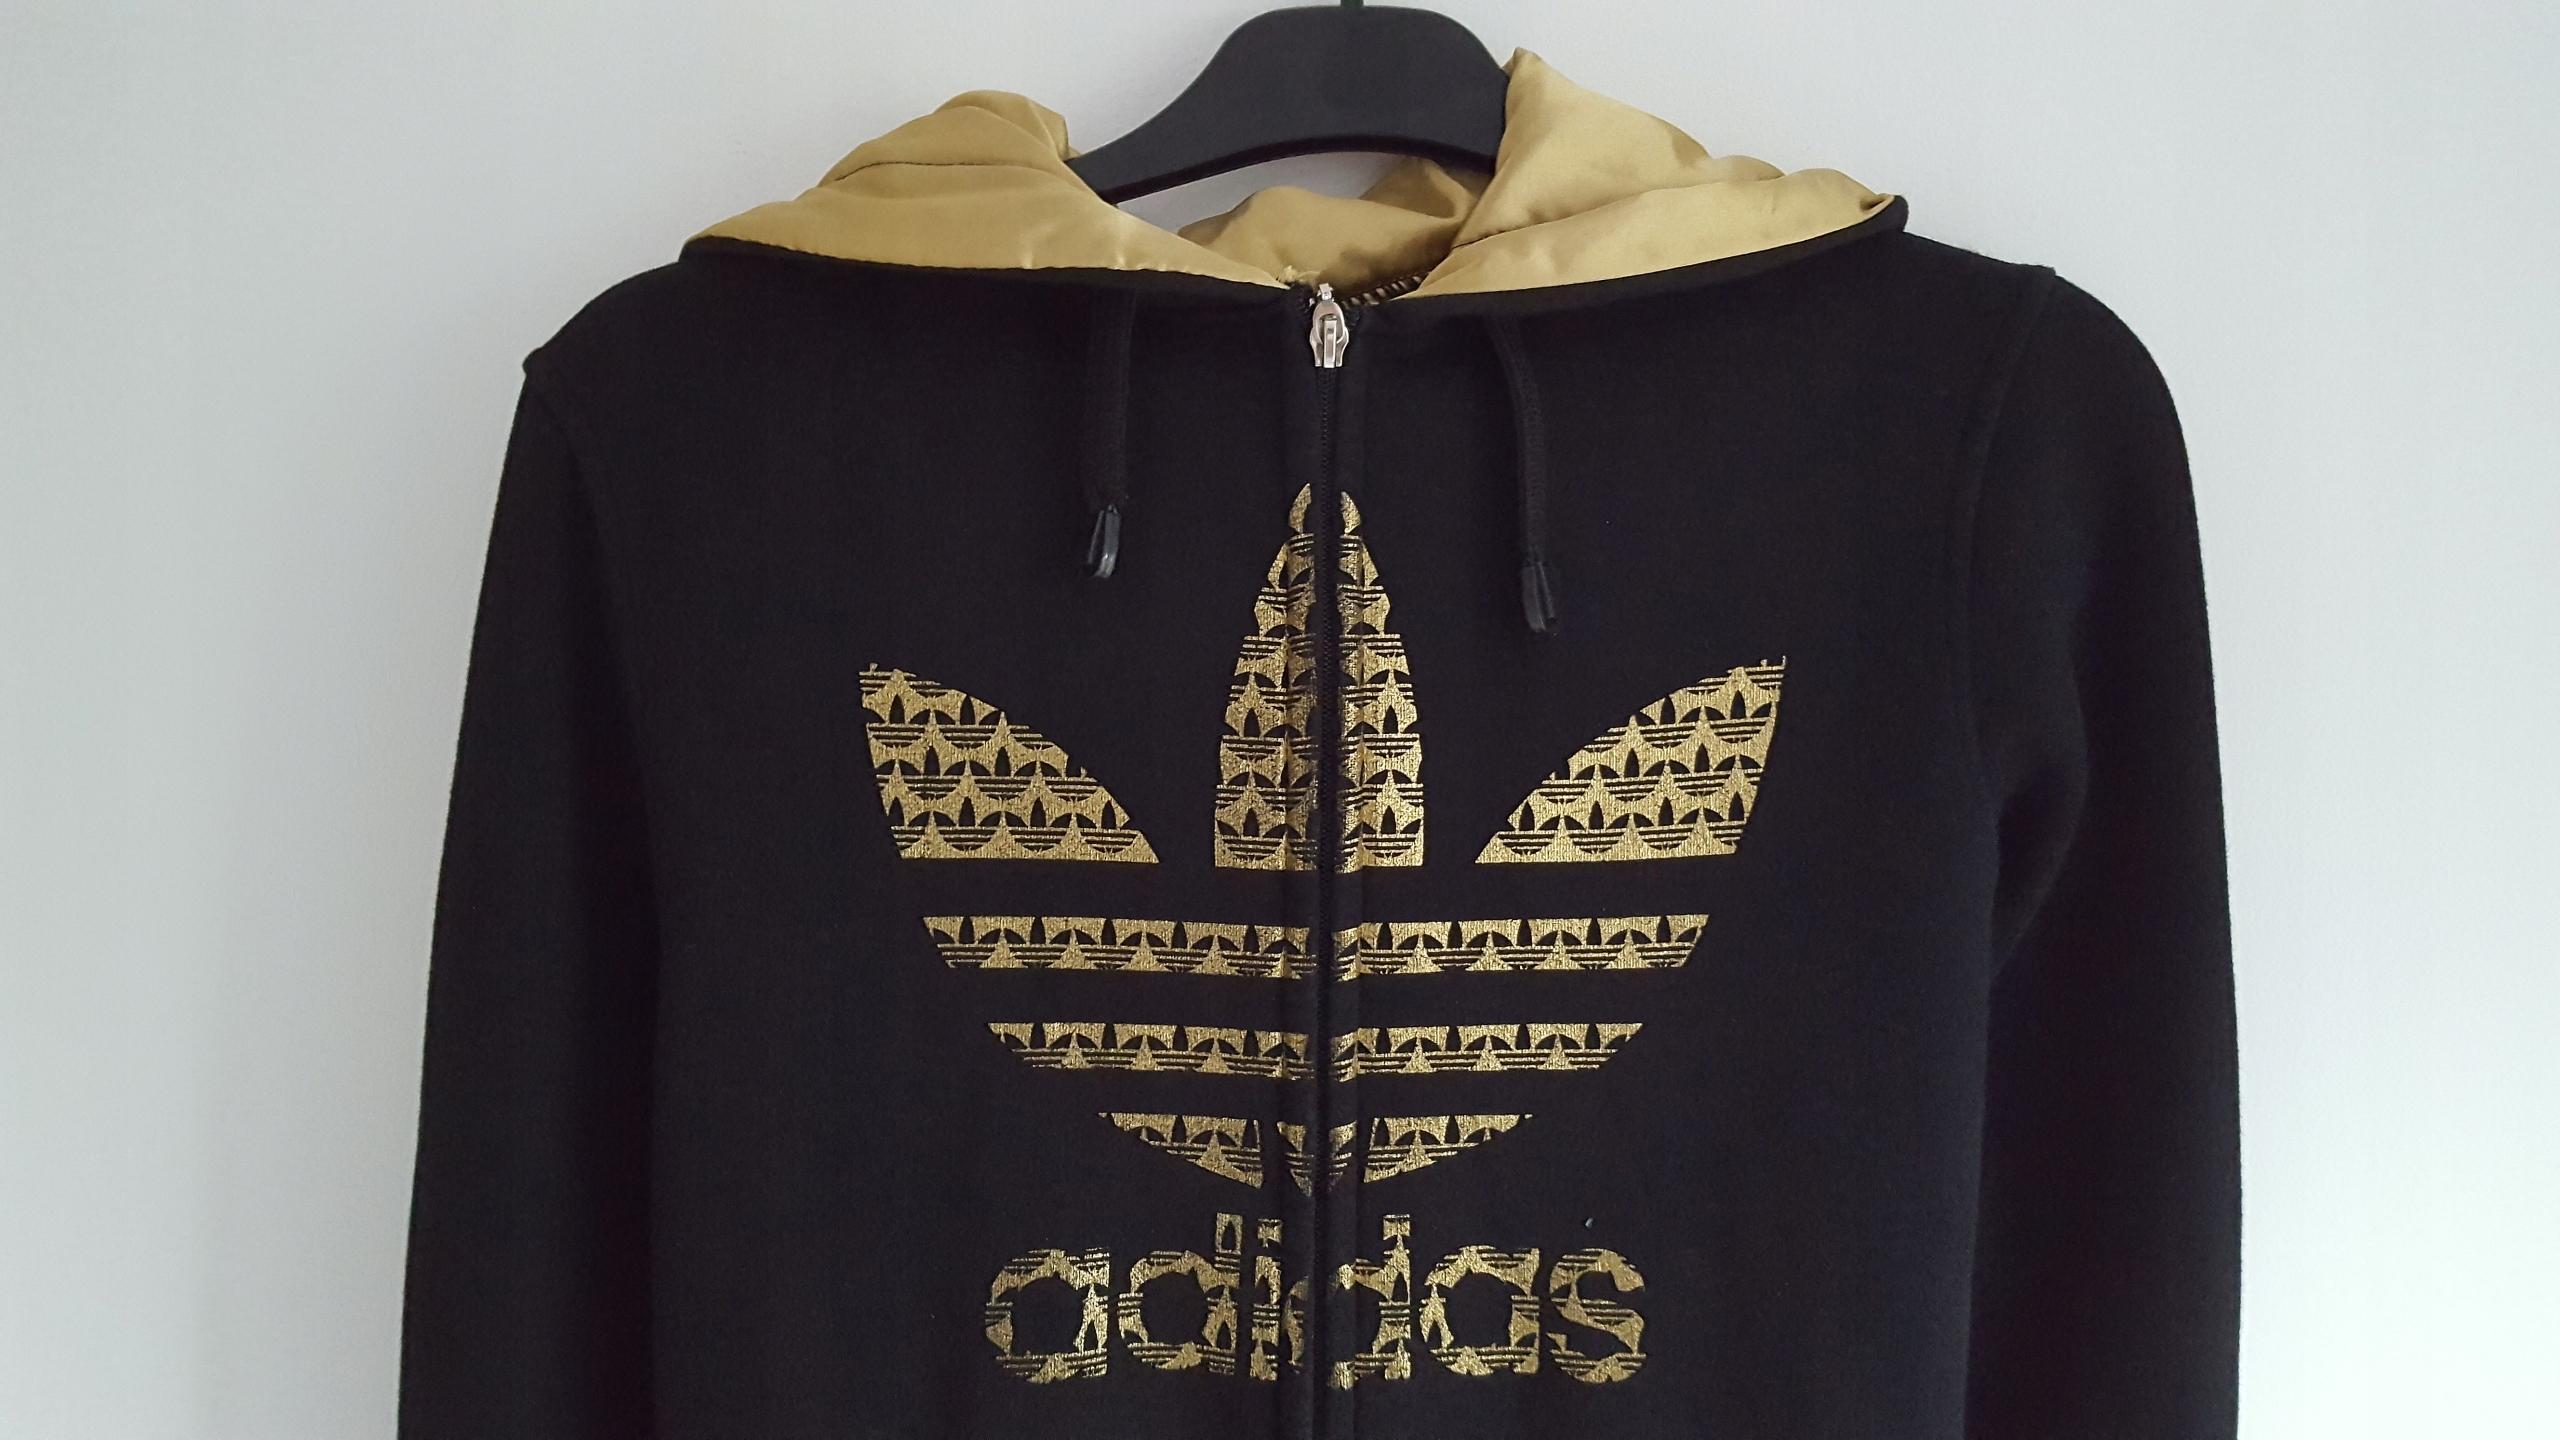 1e9fa7711 Bluza damska czarna Adidas Originals r. S/M - 7653974231 - oficjalne ...